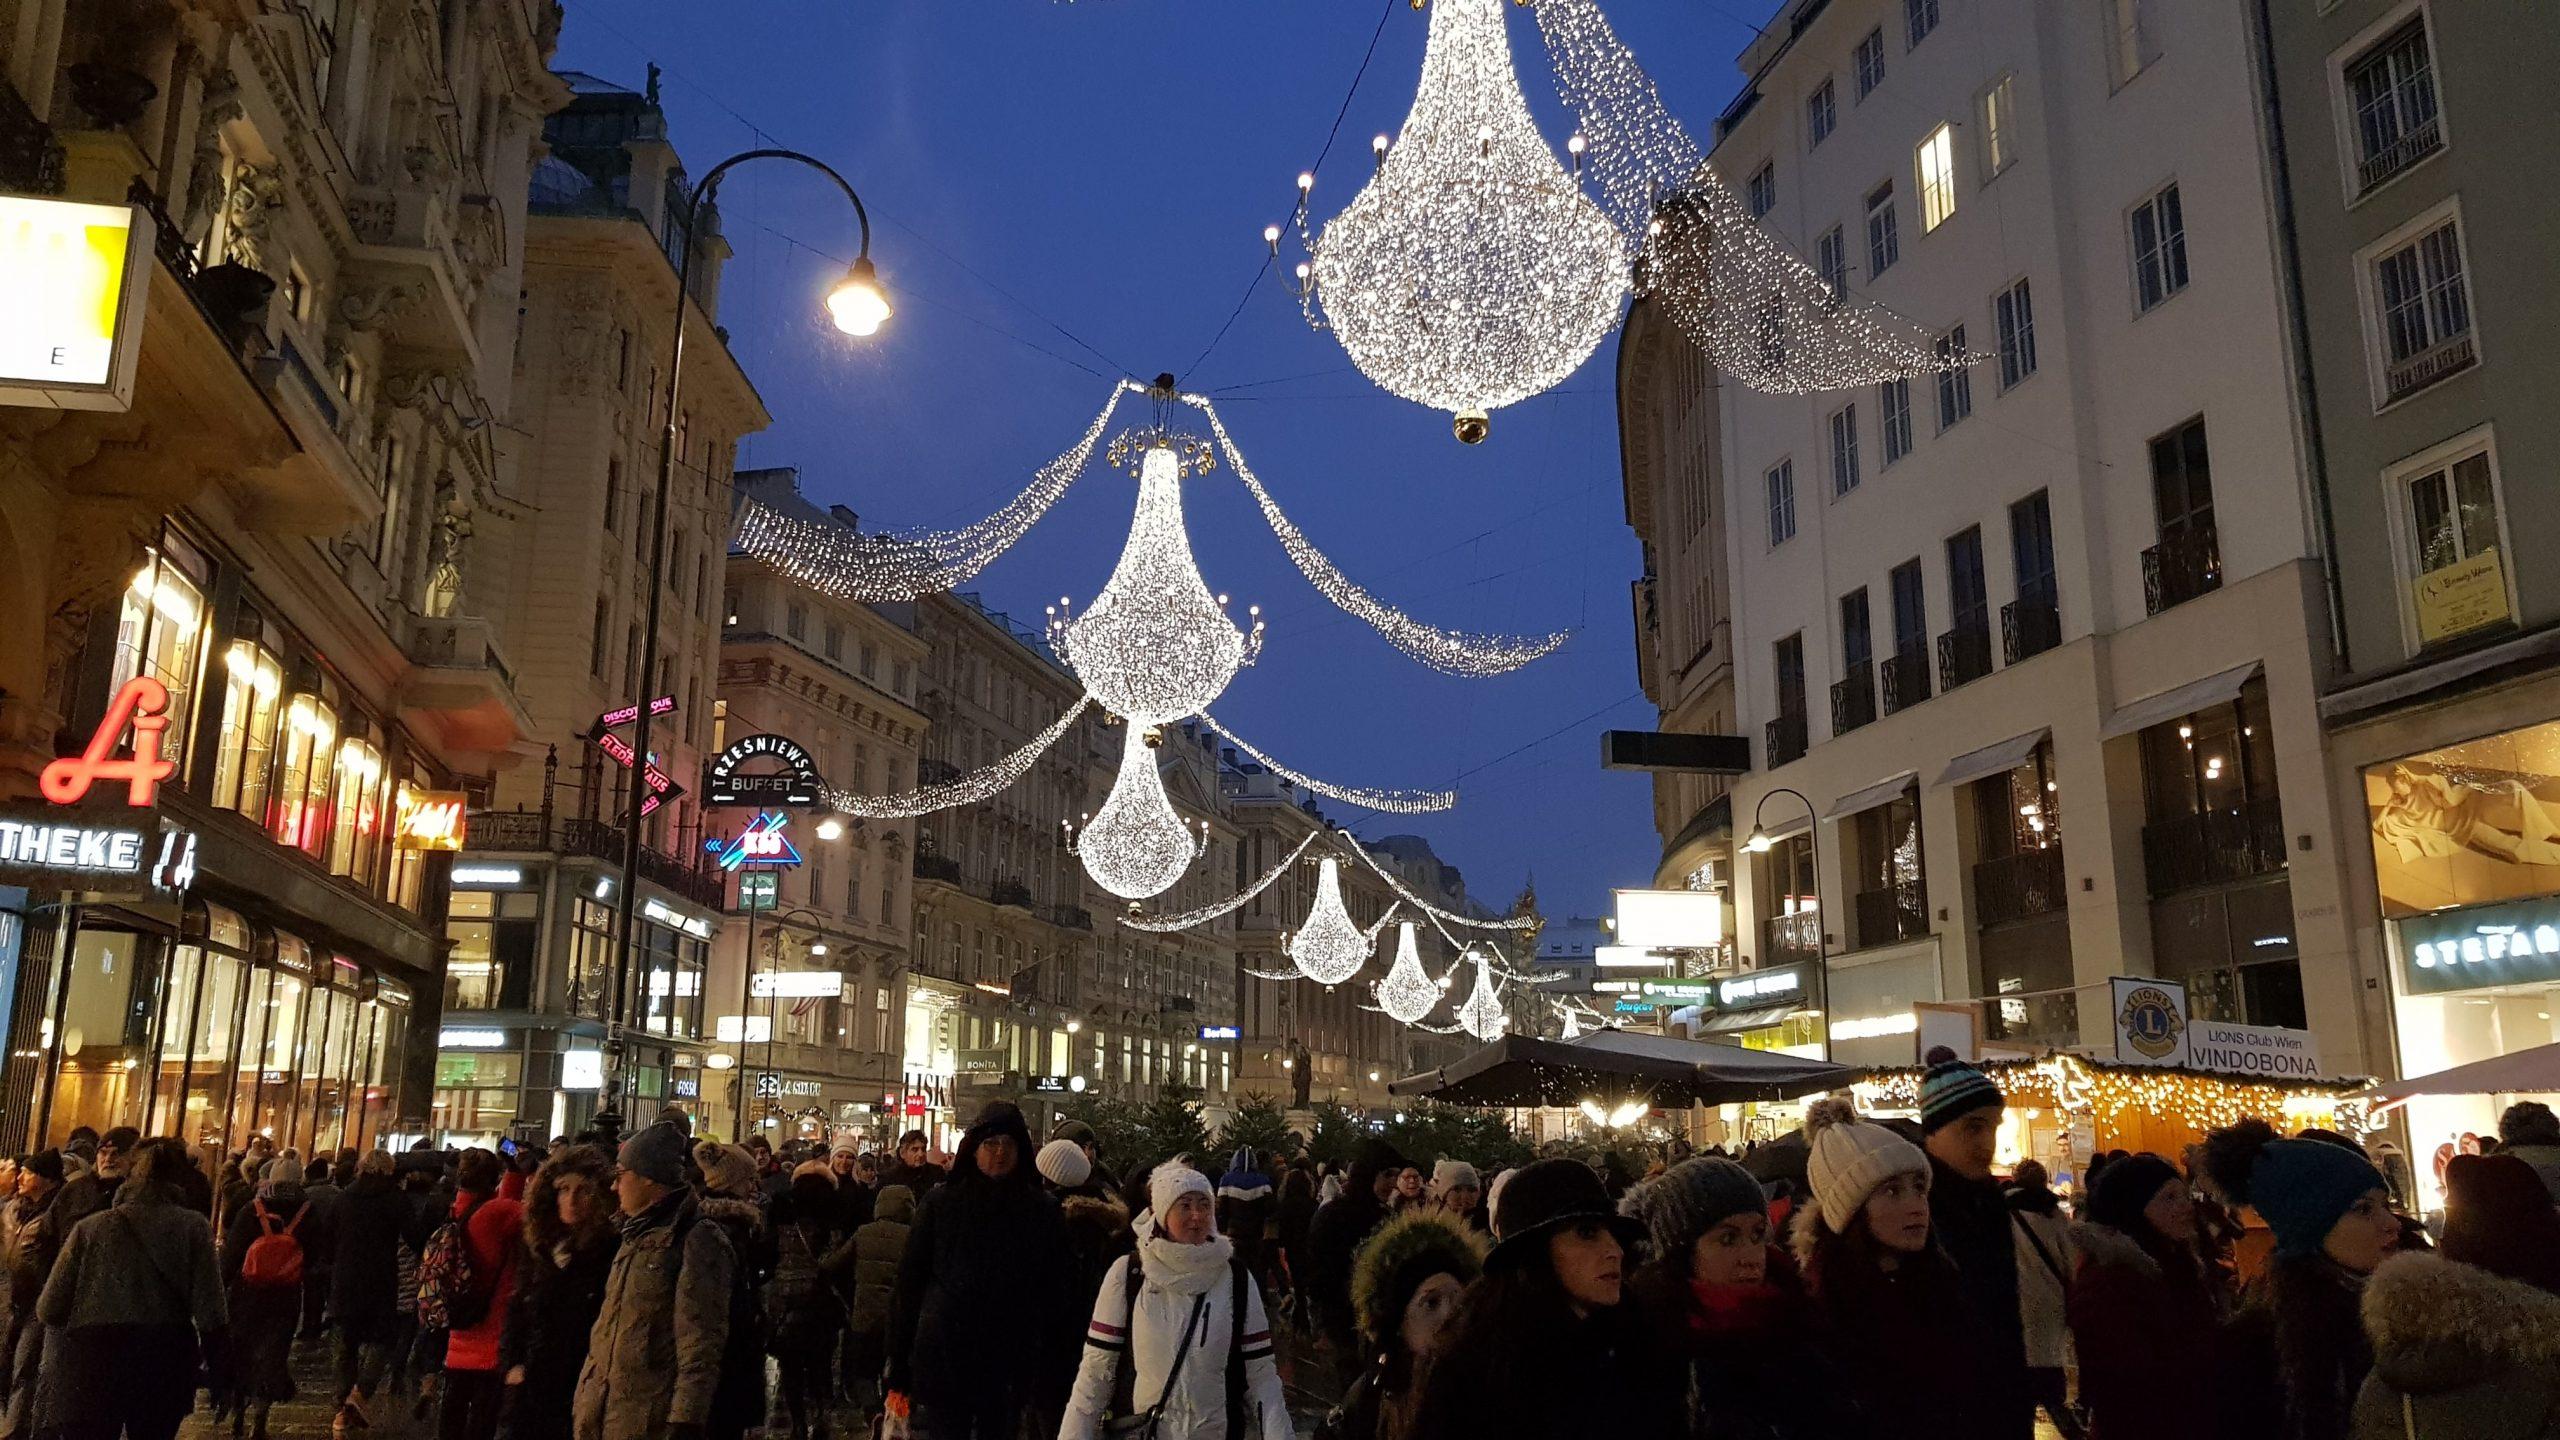 Iluminación navideña en la calle peatonal Graben de Viena